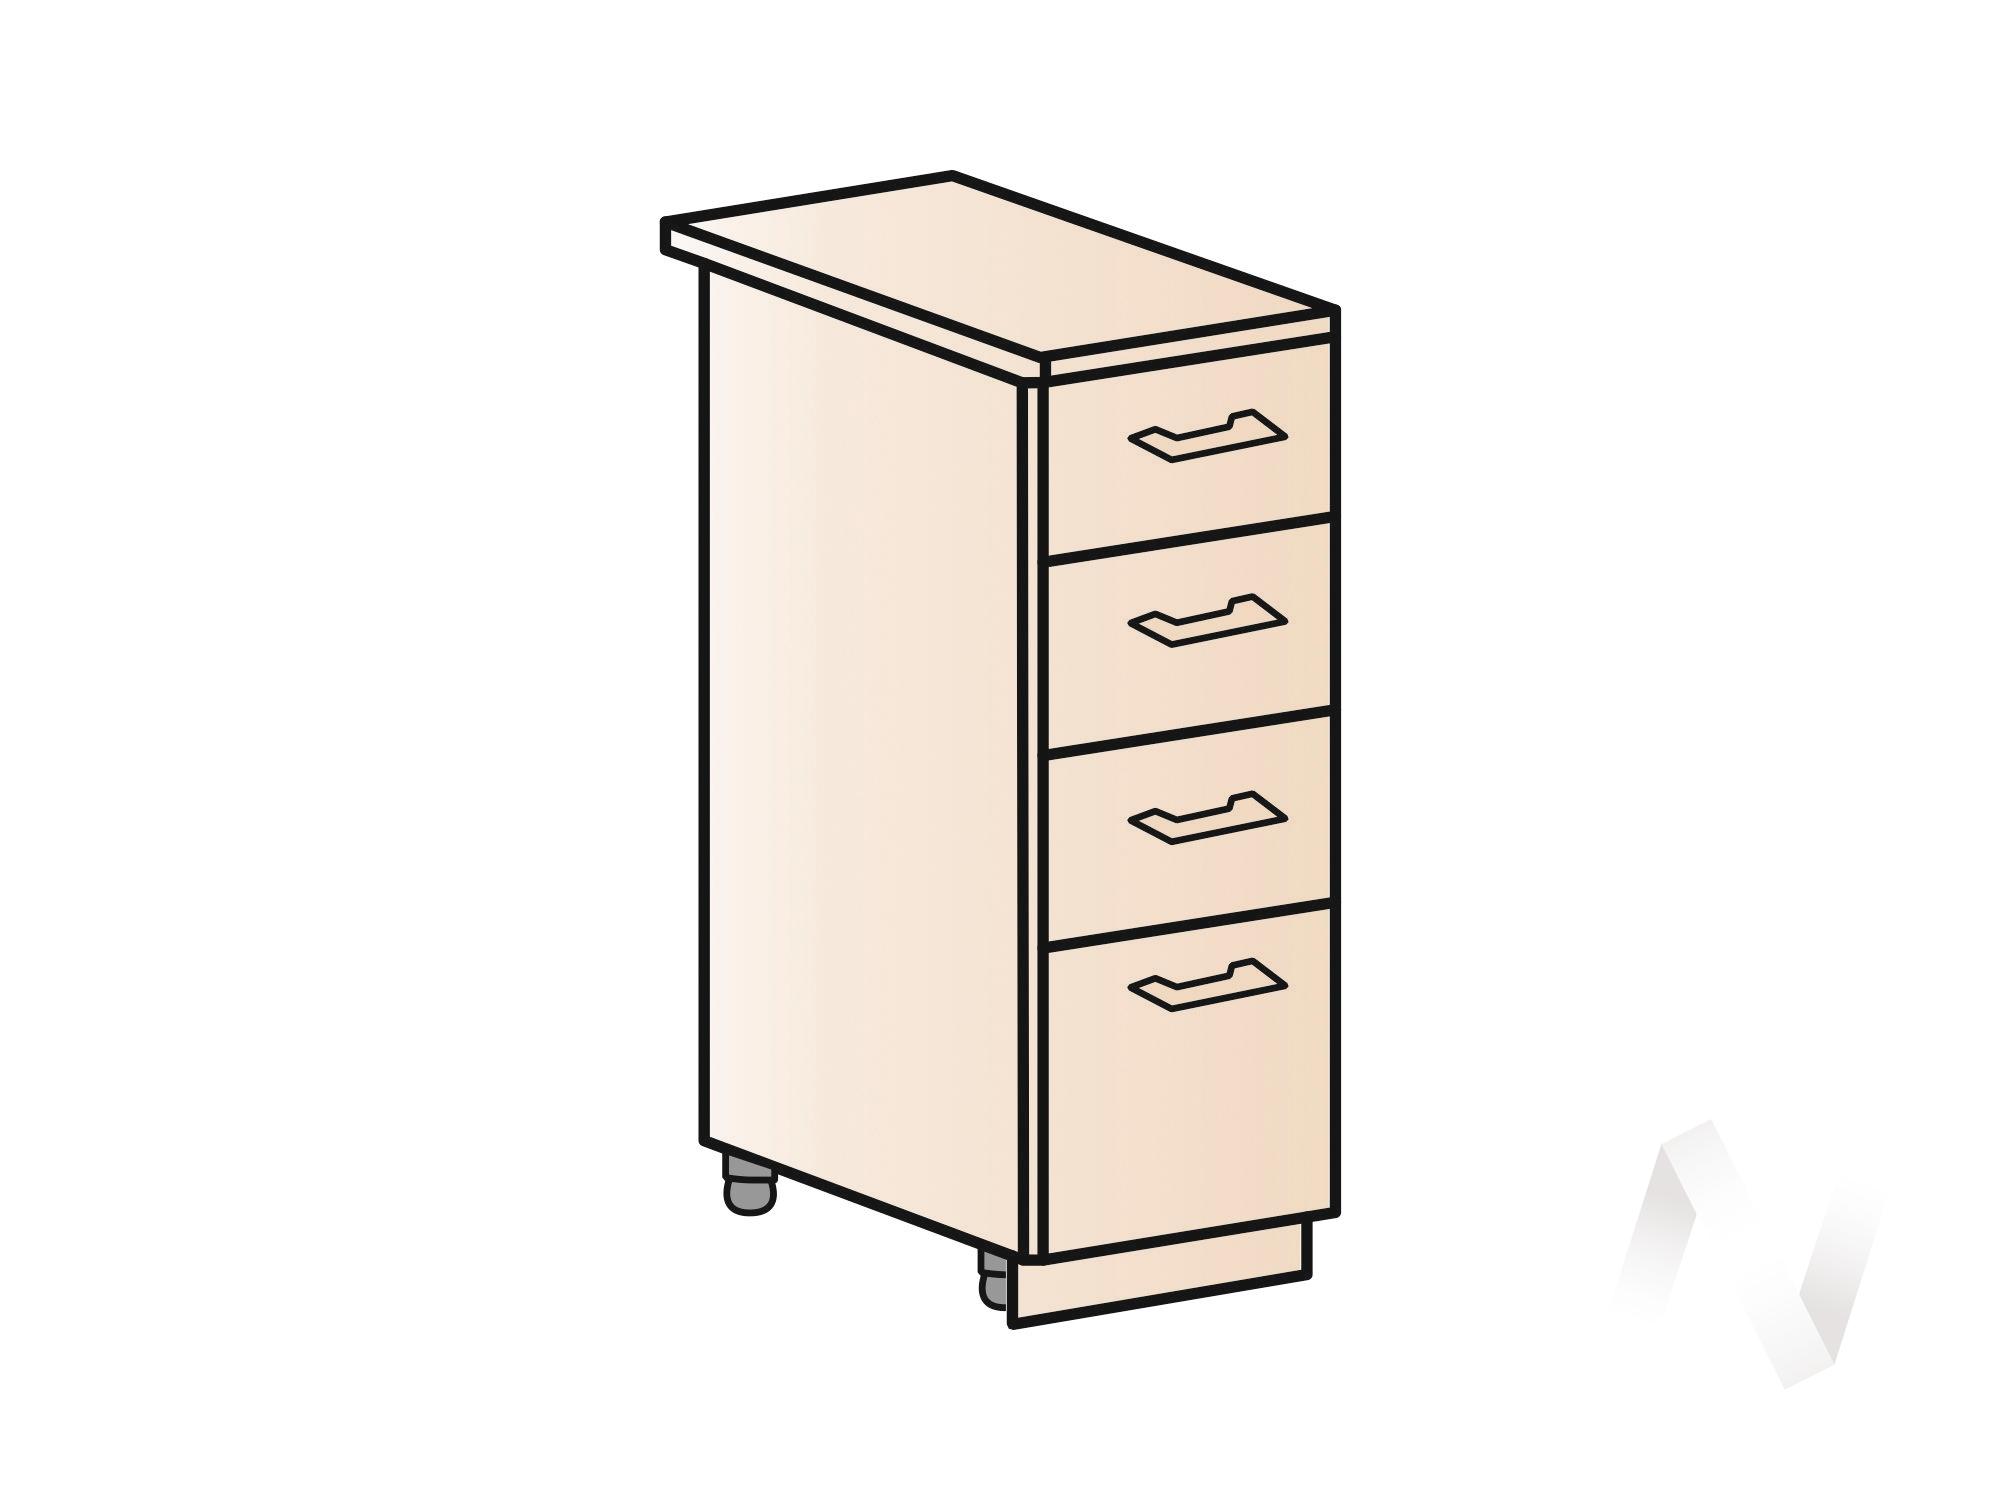 """Кухня """"Люкс"""": Шкаф нижний с 4-мя ящиками 300, ШН4Я 300 (Шоколад матовый/корпус белый) в Новосибирске в интернет-магазине мебели kuhnya54.ru"""